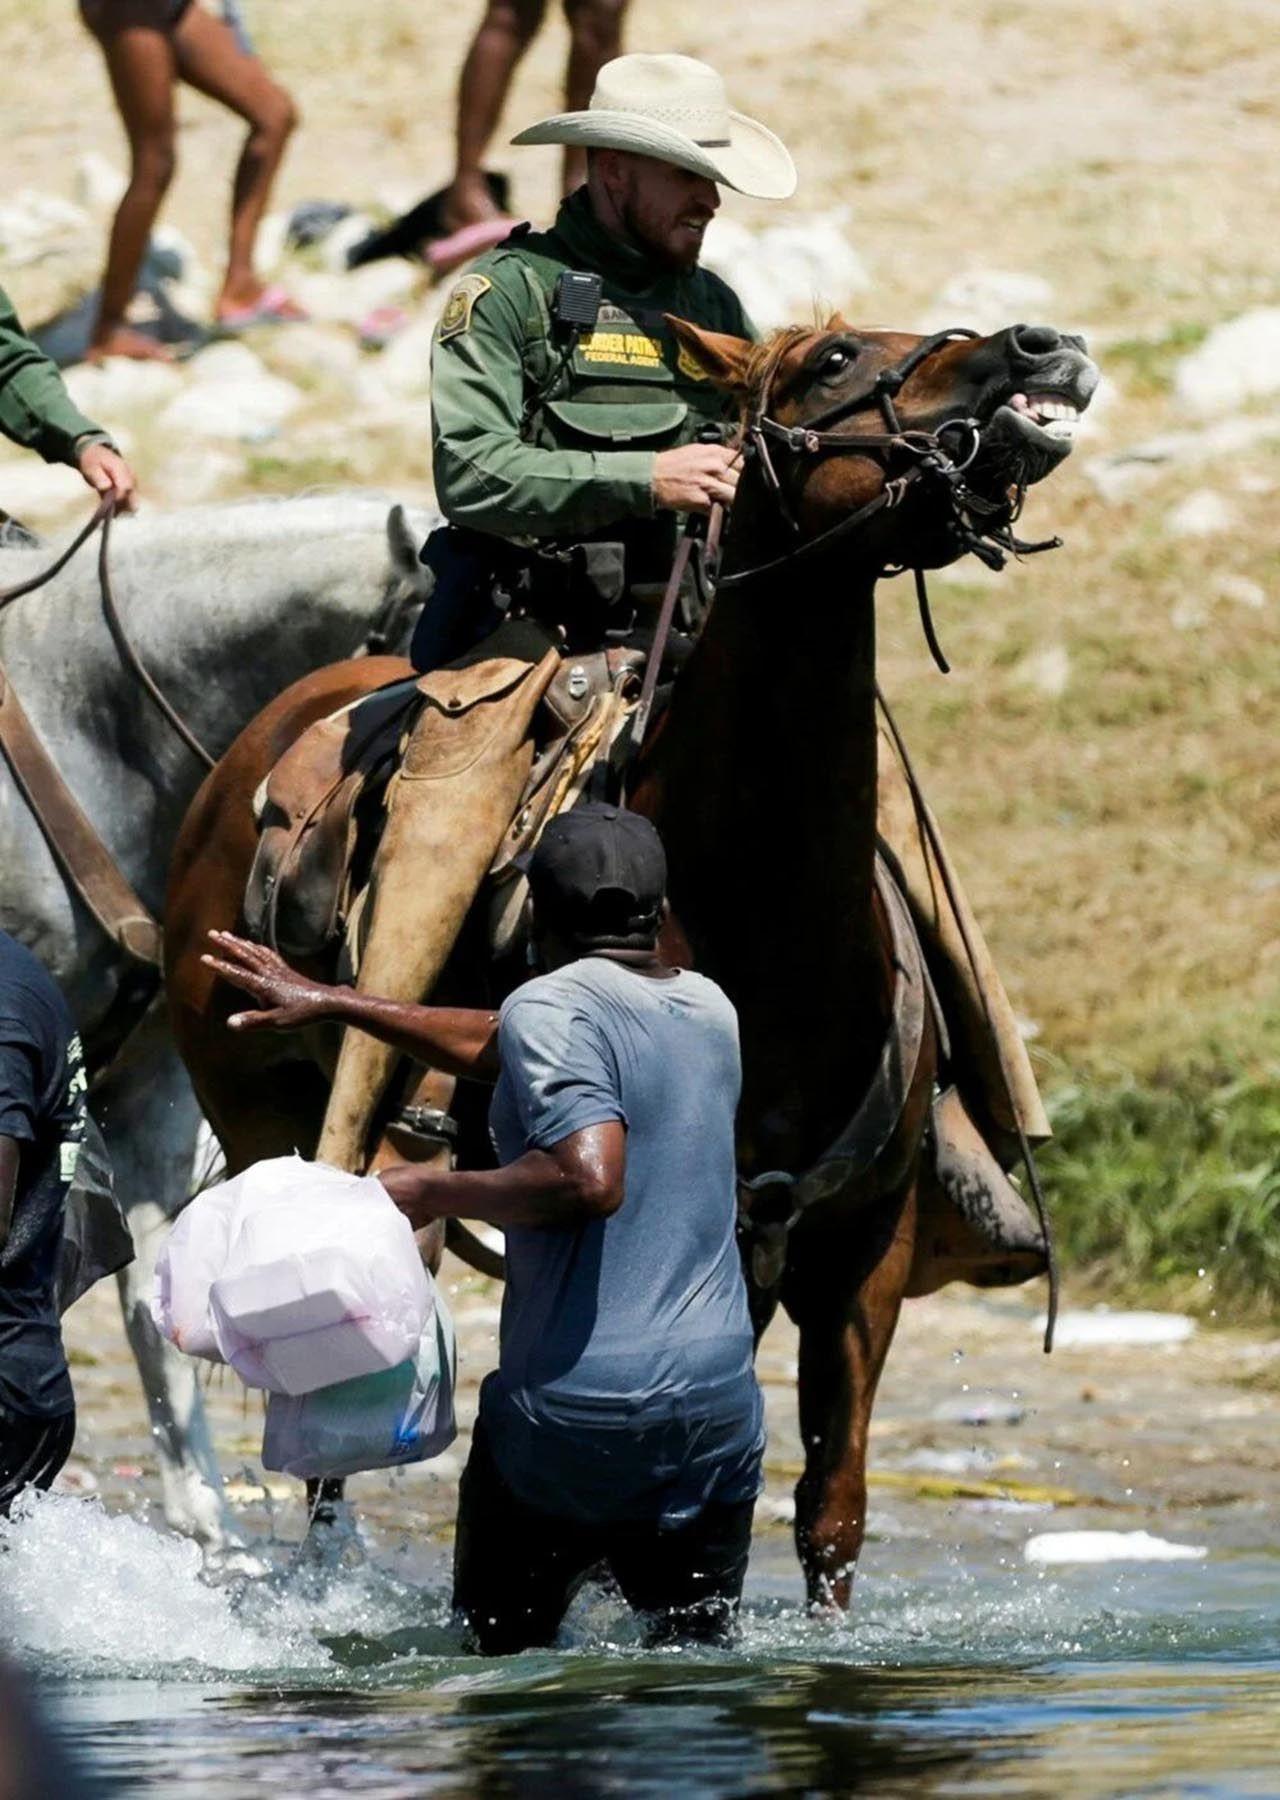 ABD-Meksika sınırında insanlık dışı görüntüler - Resim: 3